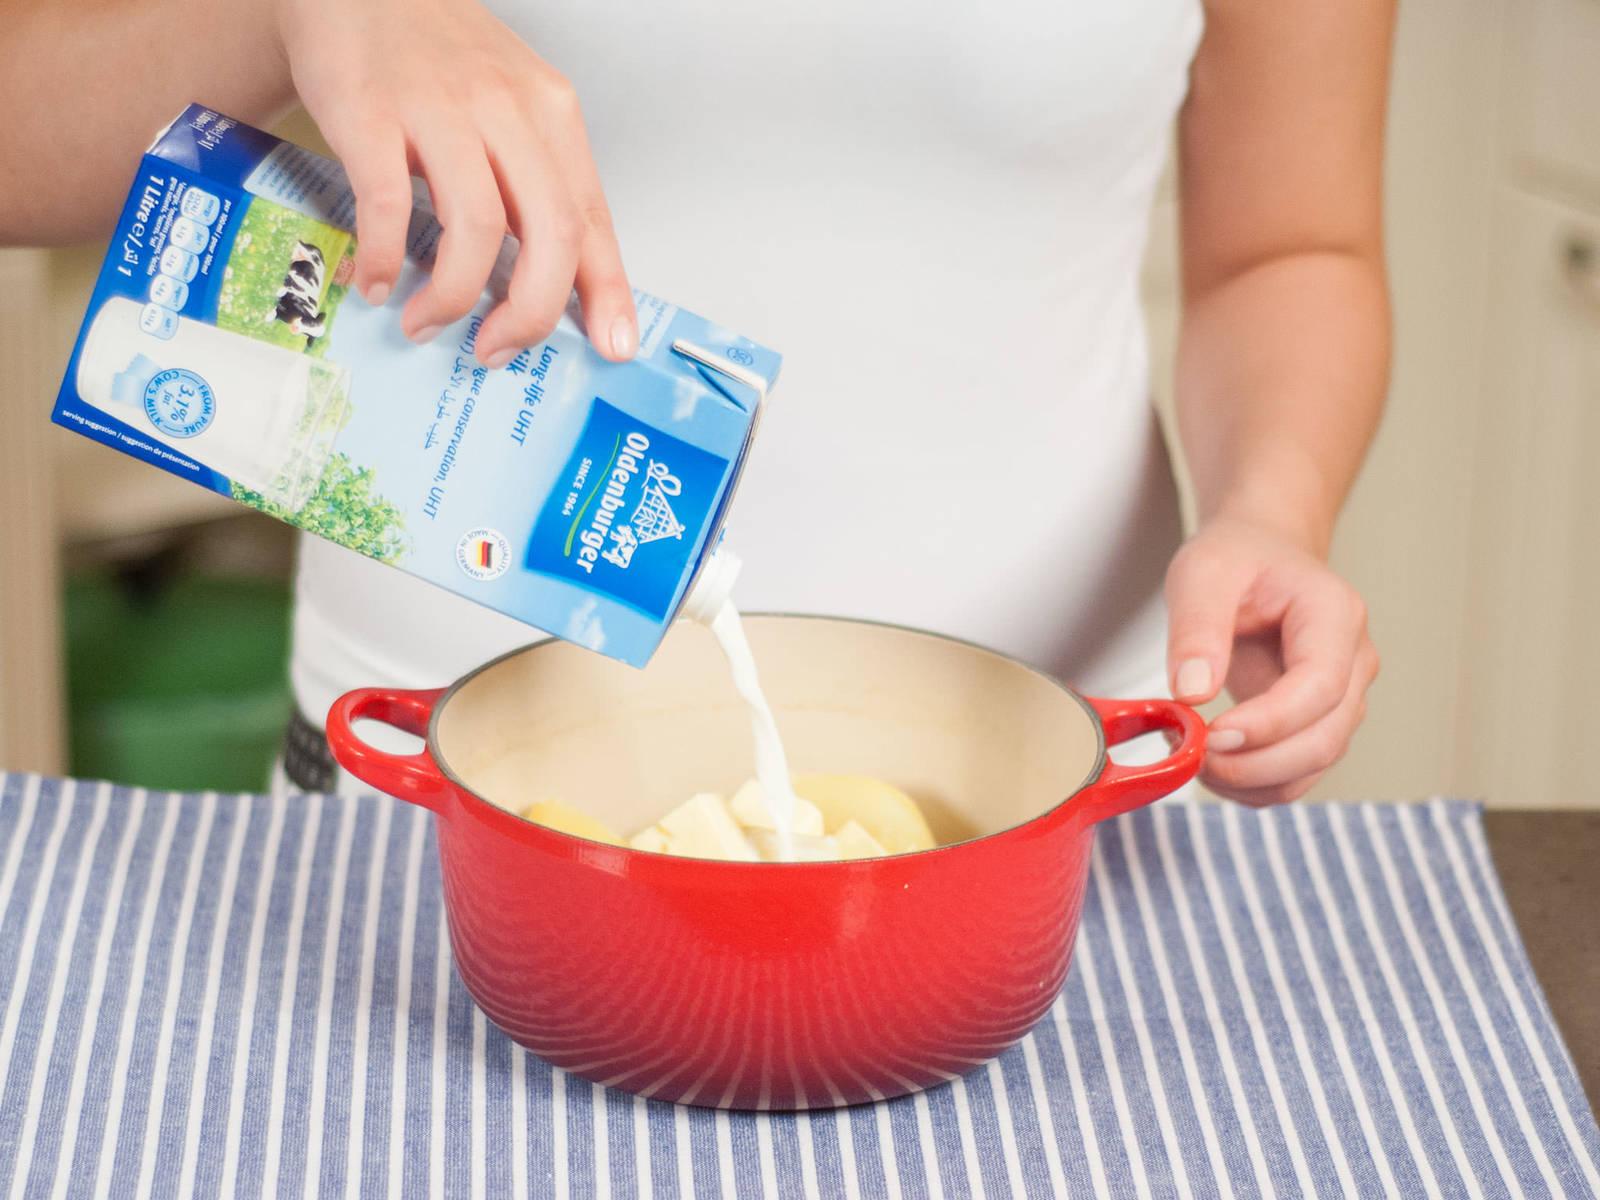 Inzwischen Kartoffeln schälen. Große Kartoffeln gegebenenfalls halbieren. Ca. 20 – 30 Min. in gesalzenem Wasser kochen, bis sie weich sind. Abgießen und gut abtropfen lassen. Kartoffeln zurück in den Topf geben und stampfen. Butter, Milch und Muskat unterrühren. Mit Salz abschmecken.